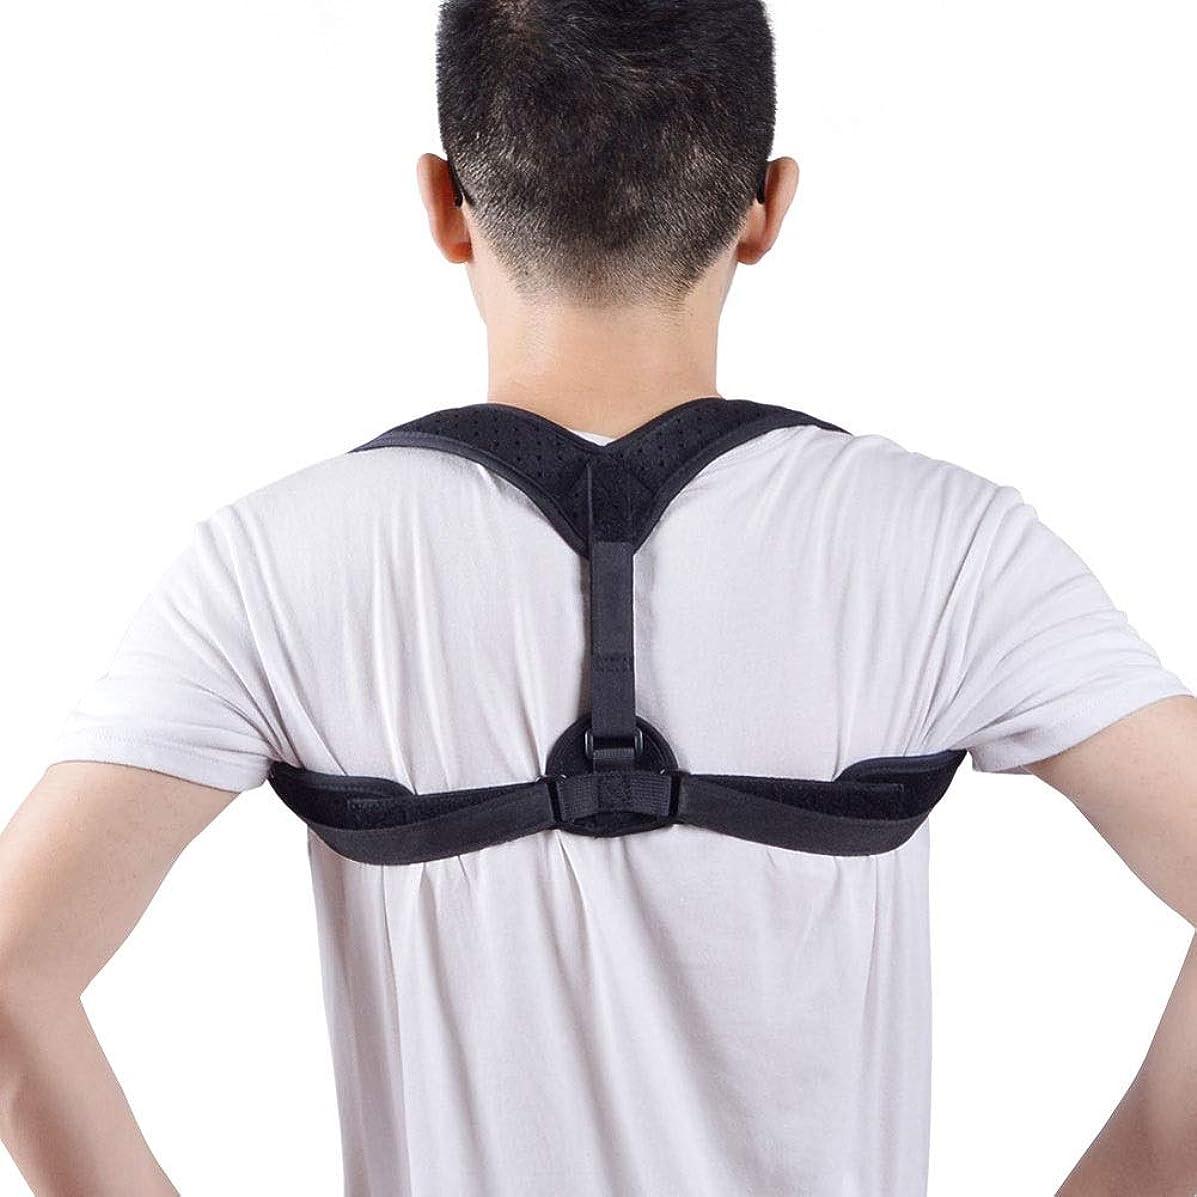 誠実後世充実背もたれ矯正装置、脊椎サポート見えないKyphosis矯正ベルト調節可能なストレートウエスト腹部背中鎖骨ベルト用男性と女性用座位矯正ベルト